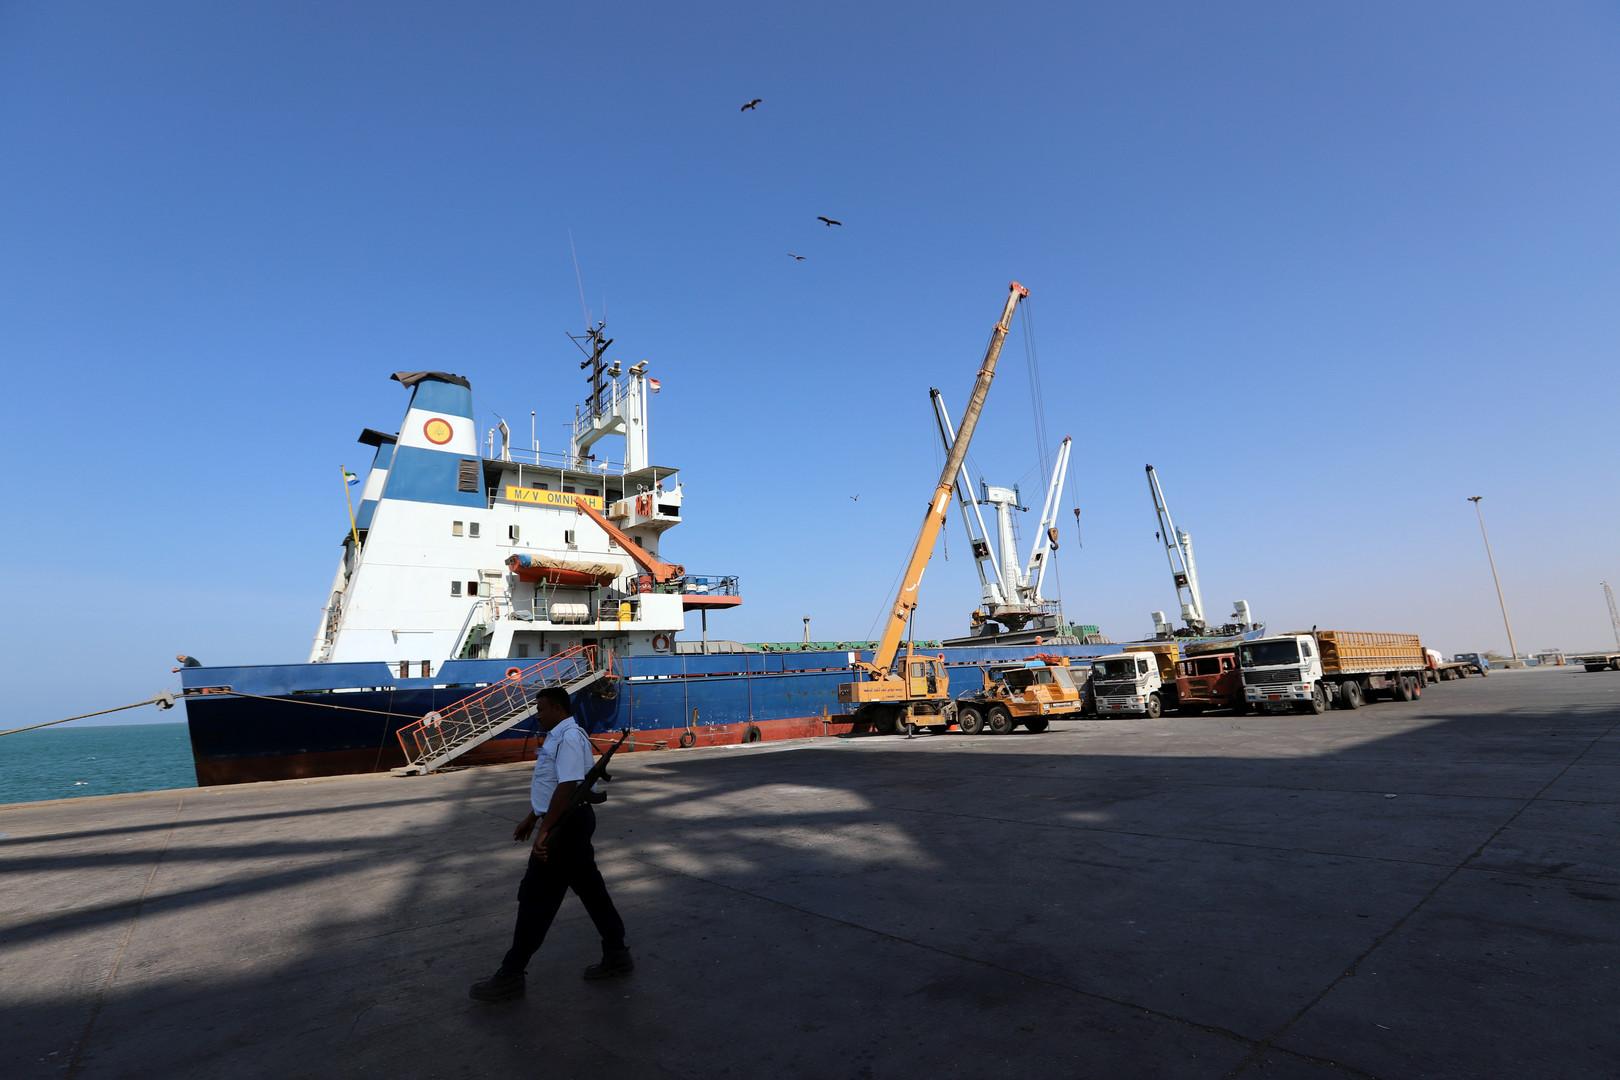 الحوثيون يعلنون عزمهم بدء تفتيش السفن في موانئ الحديدة برقابة أممية